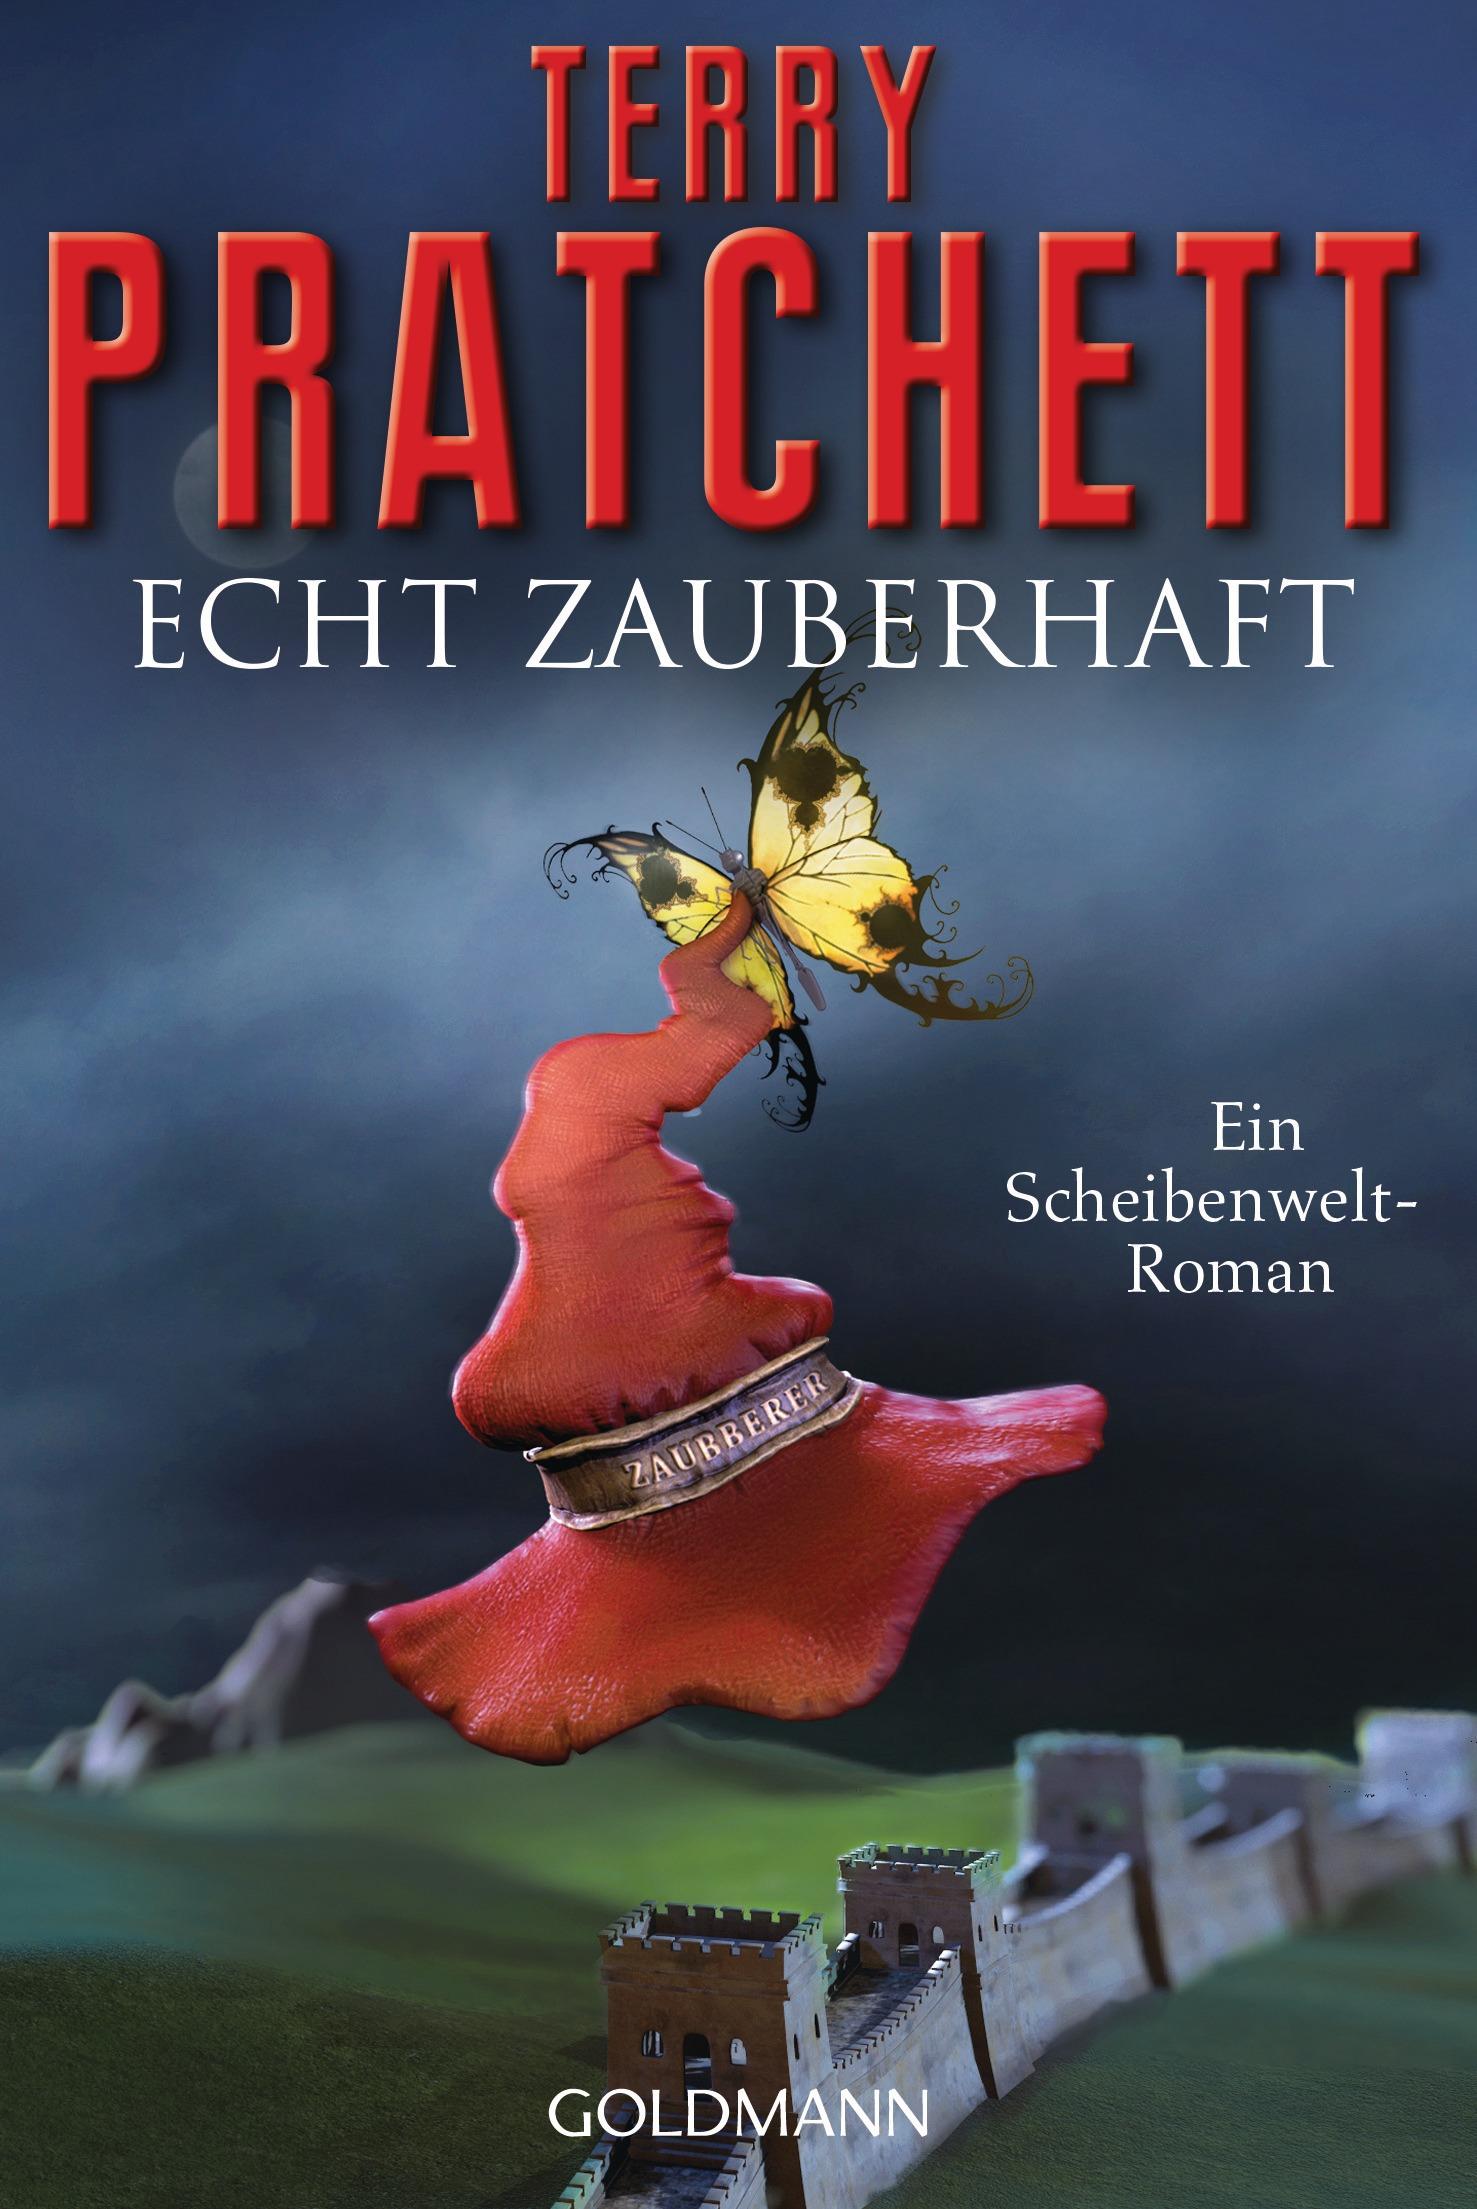 Echt zauberhaft: Ein Scheibenwelt-Roman - Pratchett, Terry